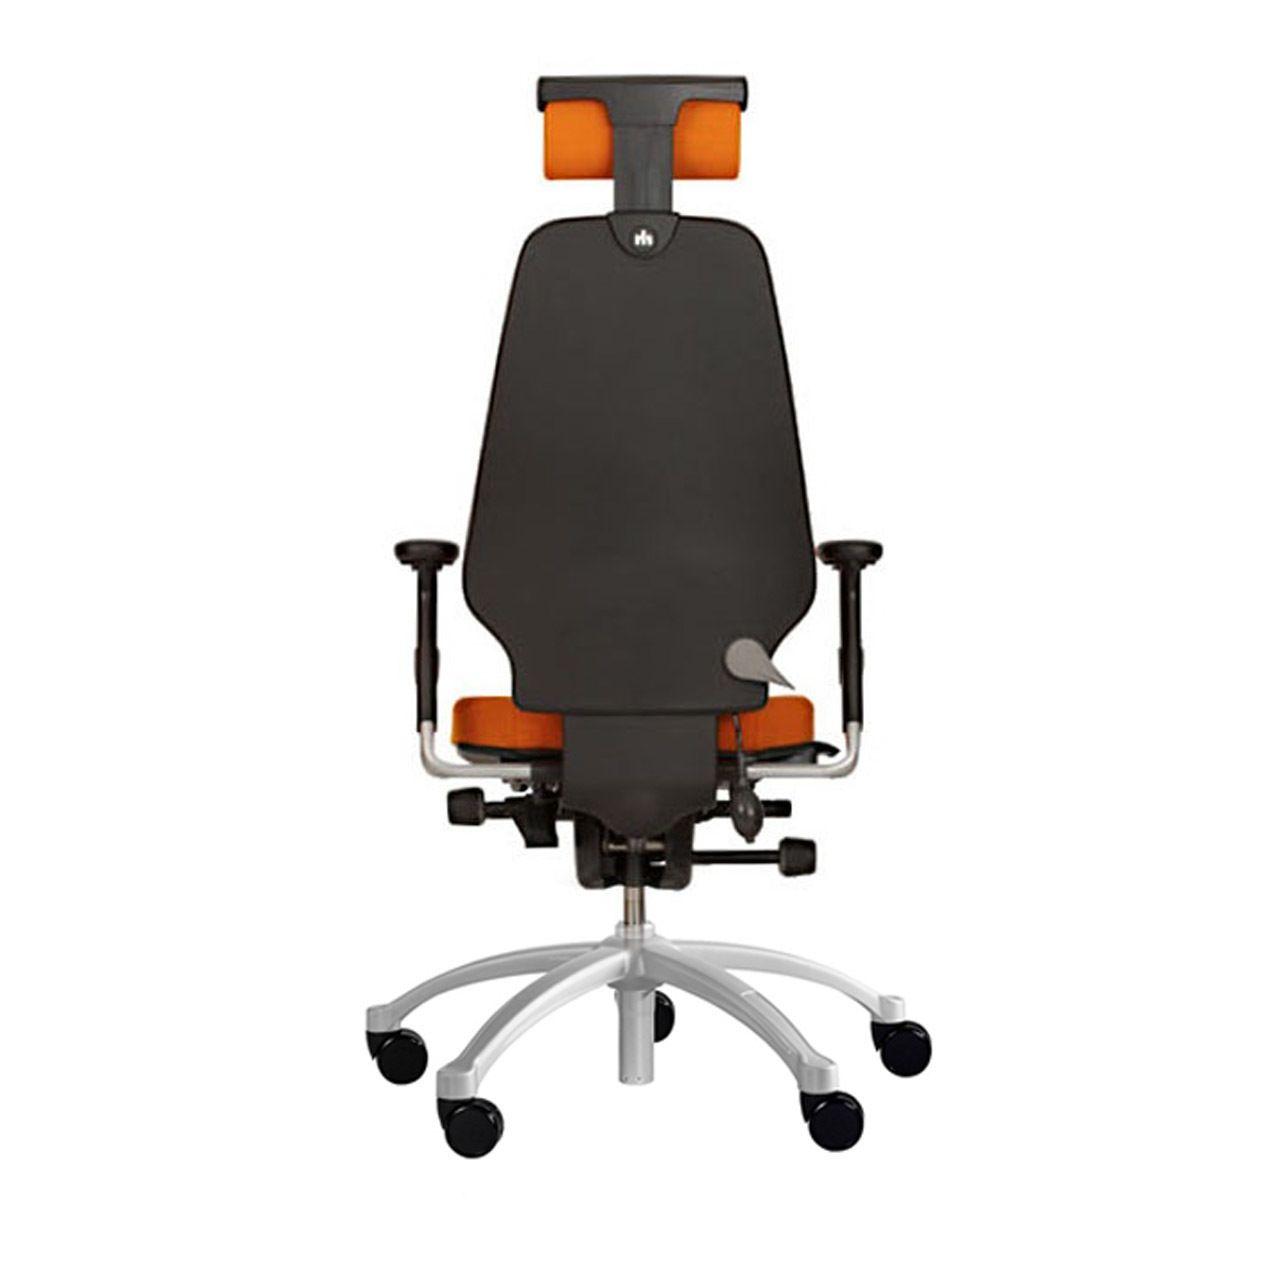 RH Logic 400 XL Ergonomische bureaustoel achterkant